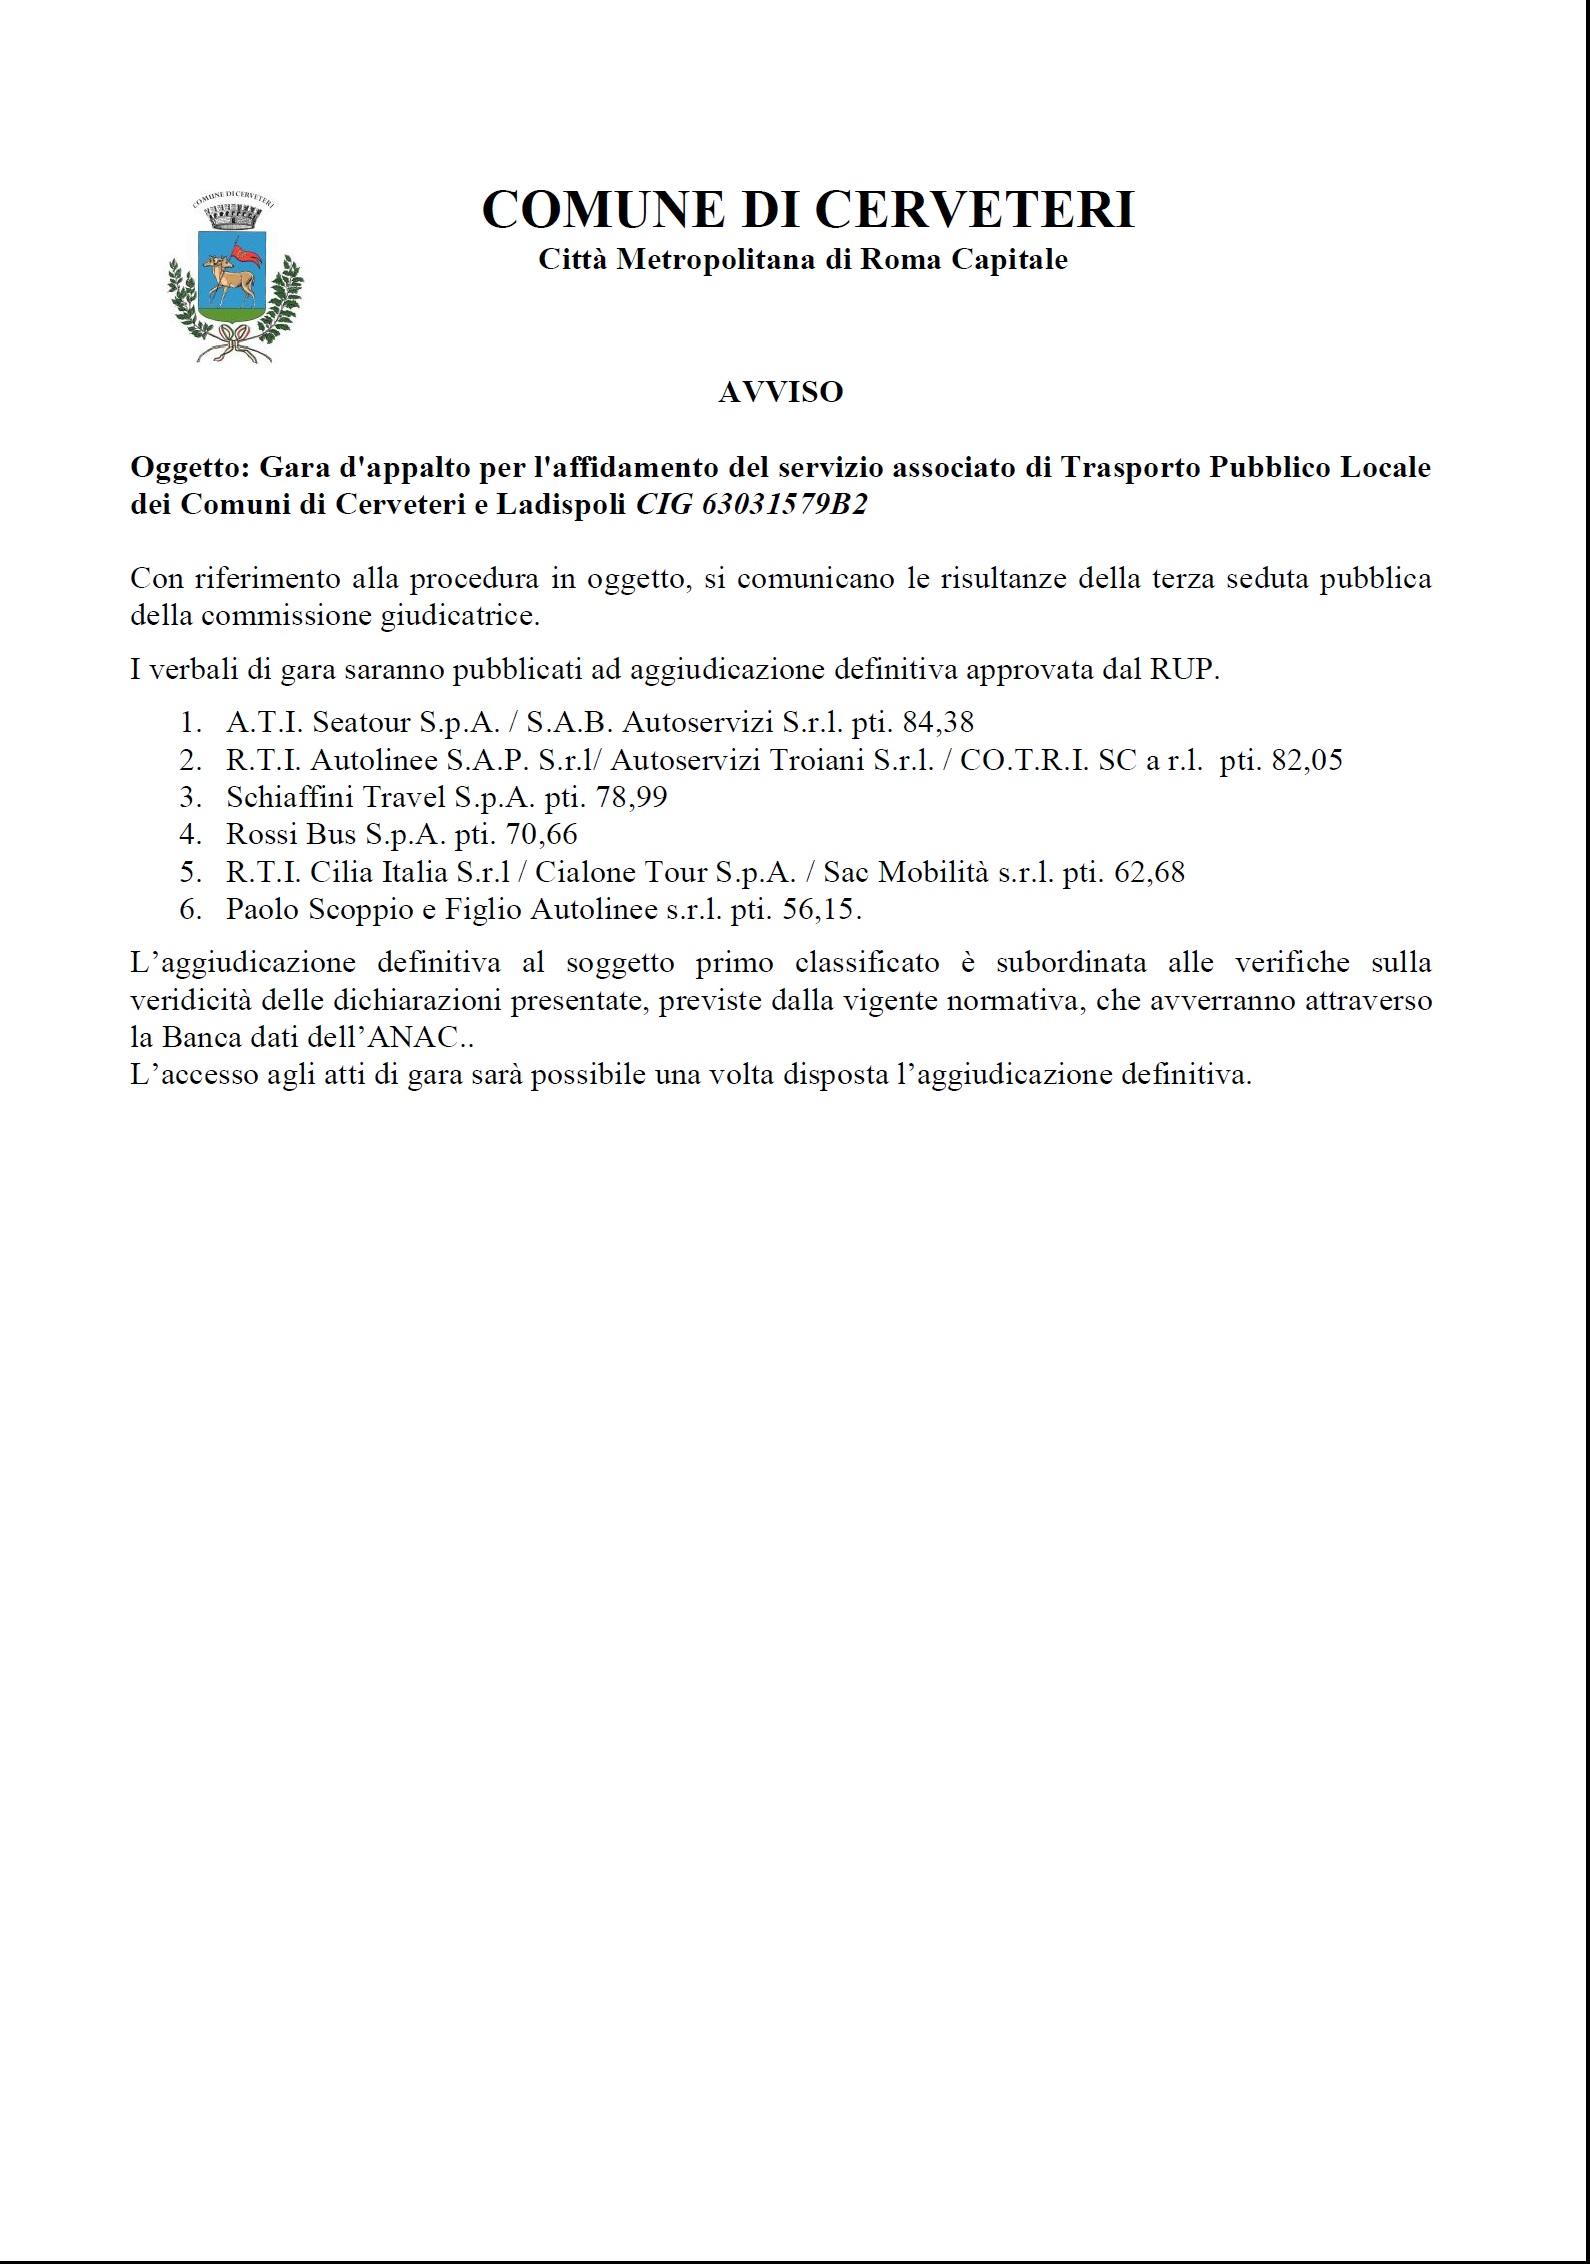 AVVISO aggiudicazione gara trasporto pubblico locale Ladispoli-Cerveteri